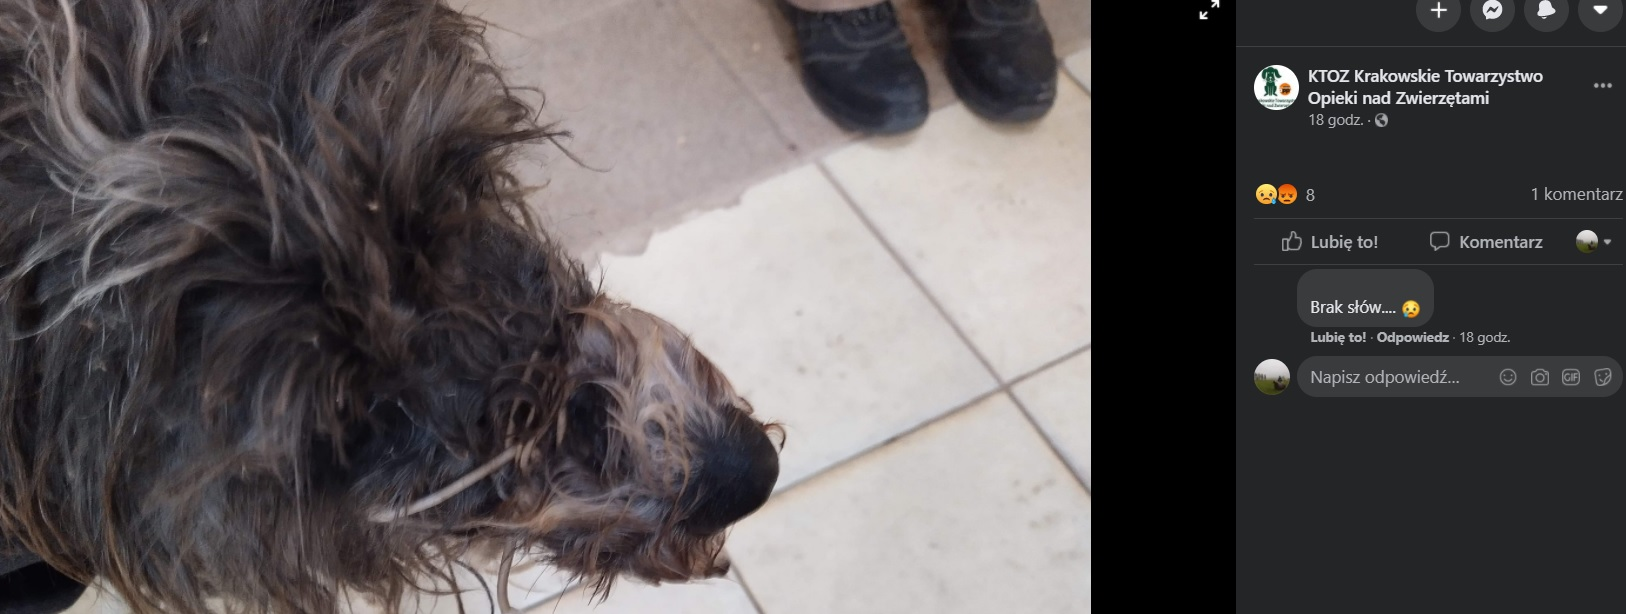 Pies został bezlitośnie potraktowany przez właściciela